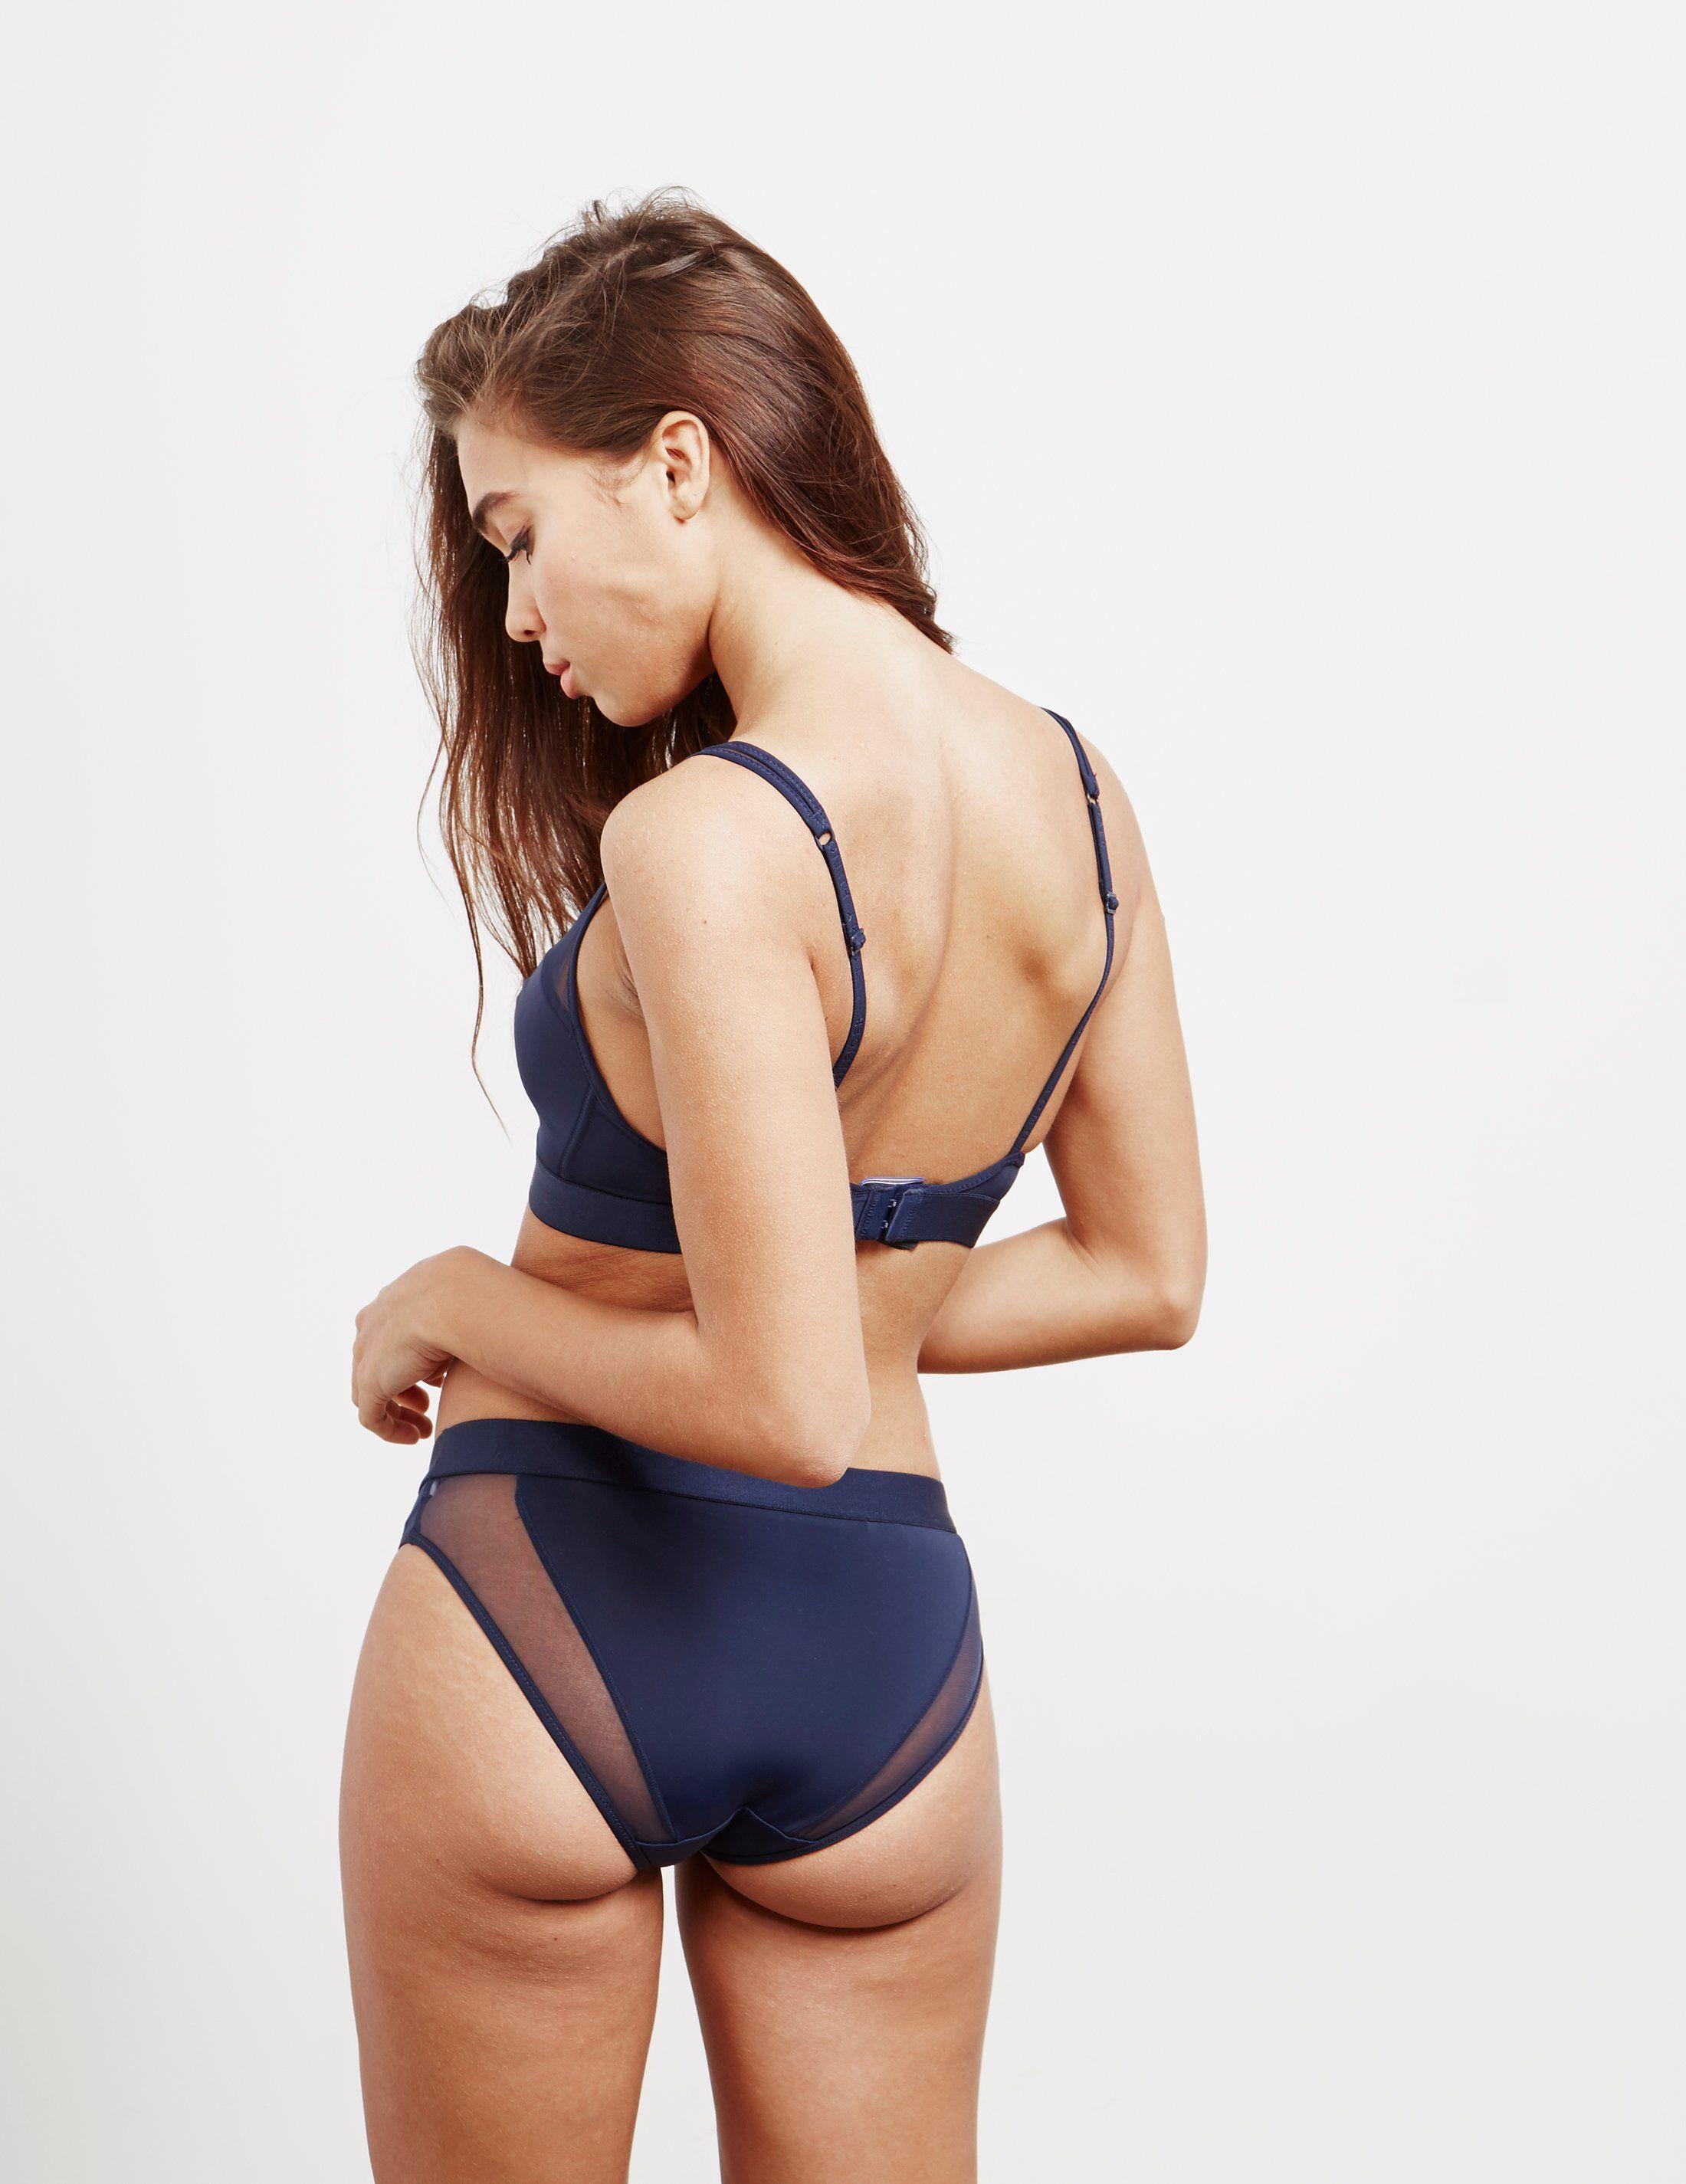 Tommy Hilfiger Underwear Padded Triangle Bra - Online Exclusive